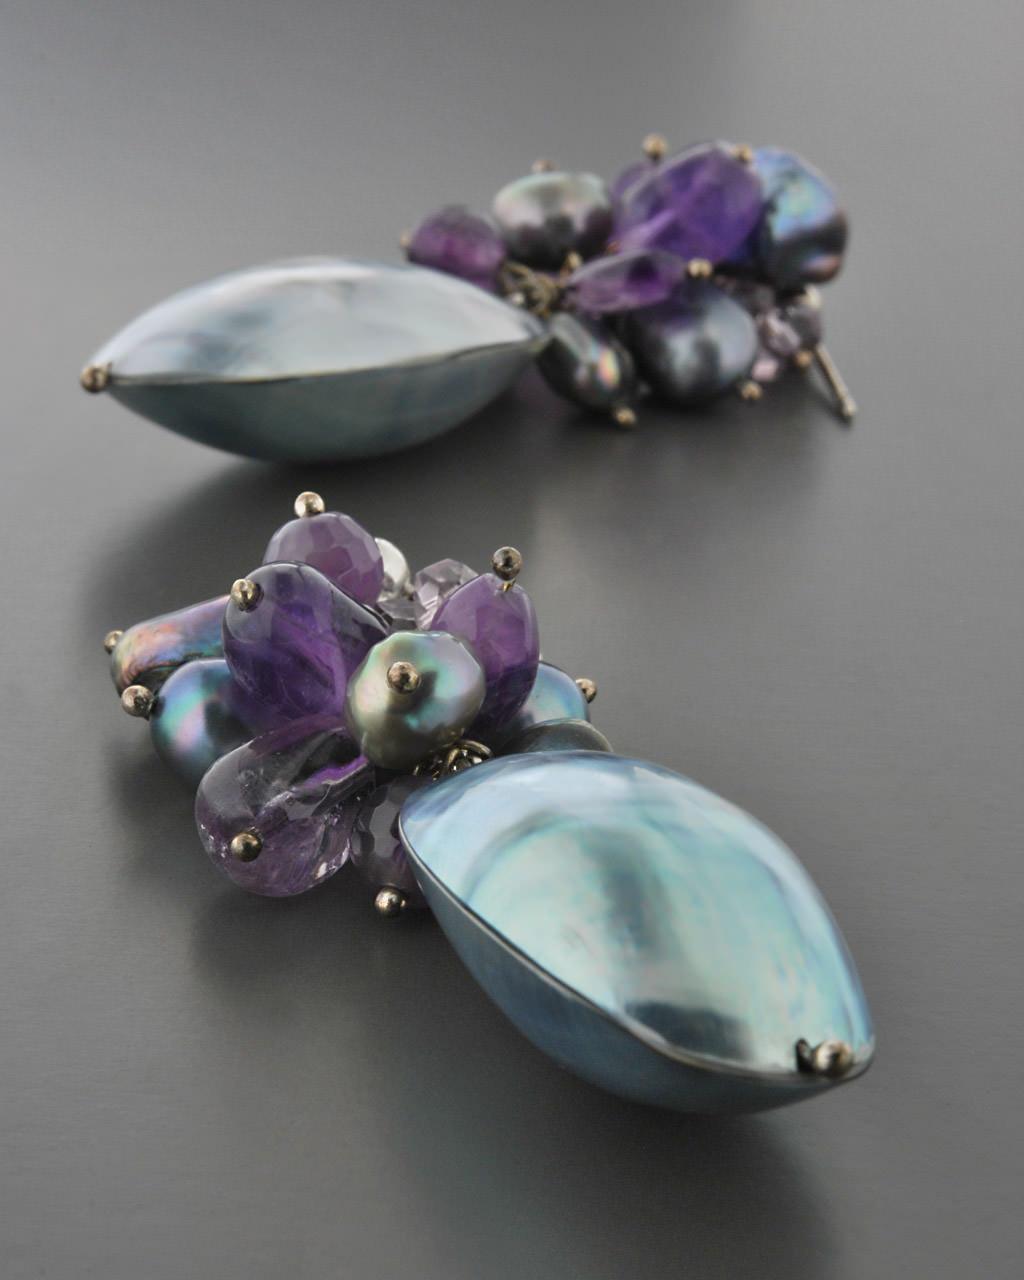 Σκουλαρίκια ασημένια 925 με Αμέθυστο & Μαργαριτάρια   γυναικα σκουλαρίκια σκουλαρίκια ασημένια